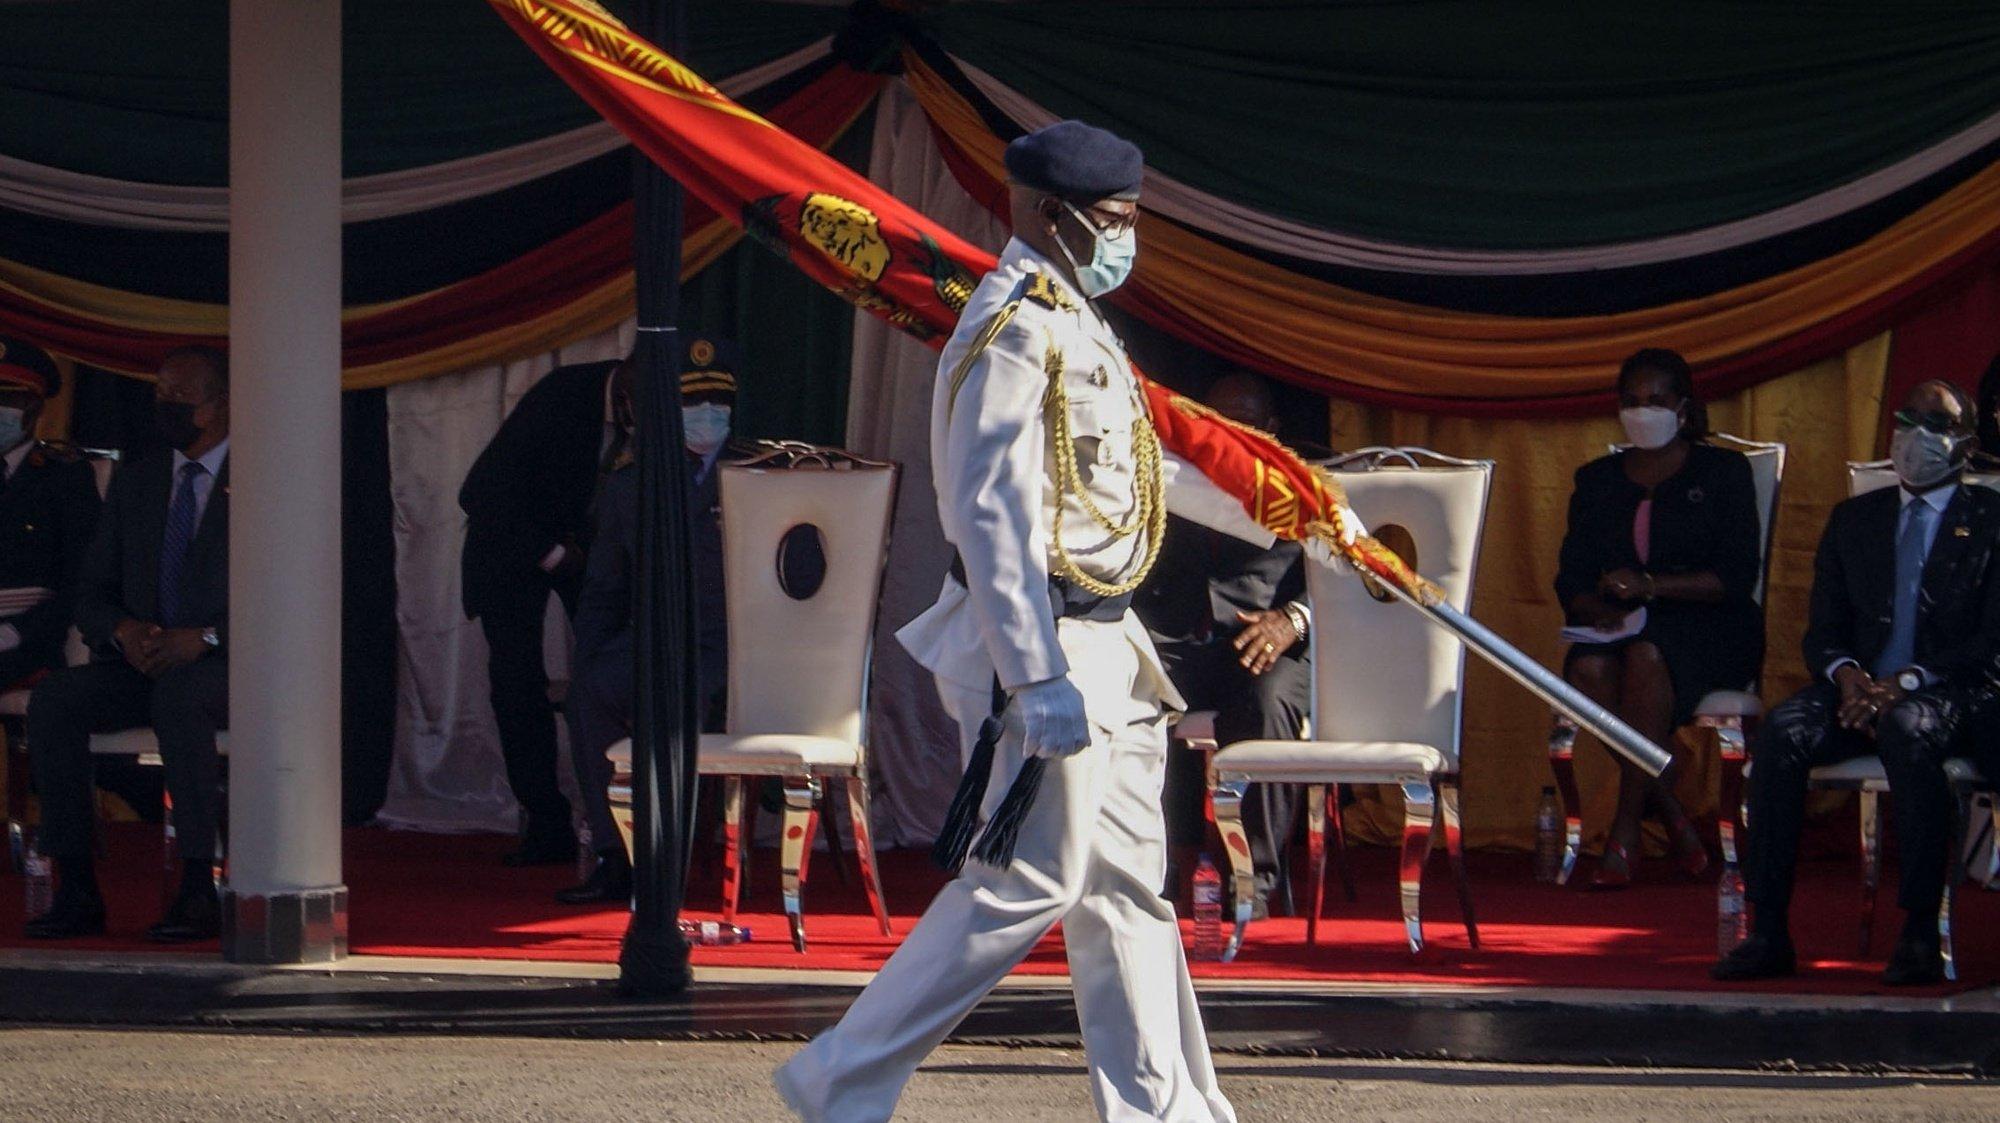 O chefe do Estado Maior General das Forças Armadas de Defesa de Moçambique (FADM), Joaquim Rivas Mangrasse, durante a sua tomade de posse, no quartel general das FADM em Maputo, Moçambique, 16 de março de 2021. (ACOMPANHA TEXTO). LUÍSA NHANTUMBO/LUSA